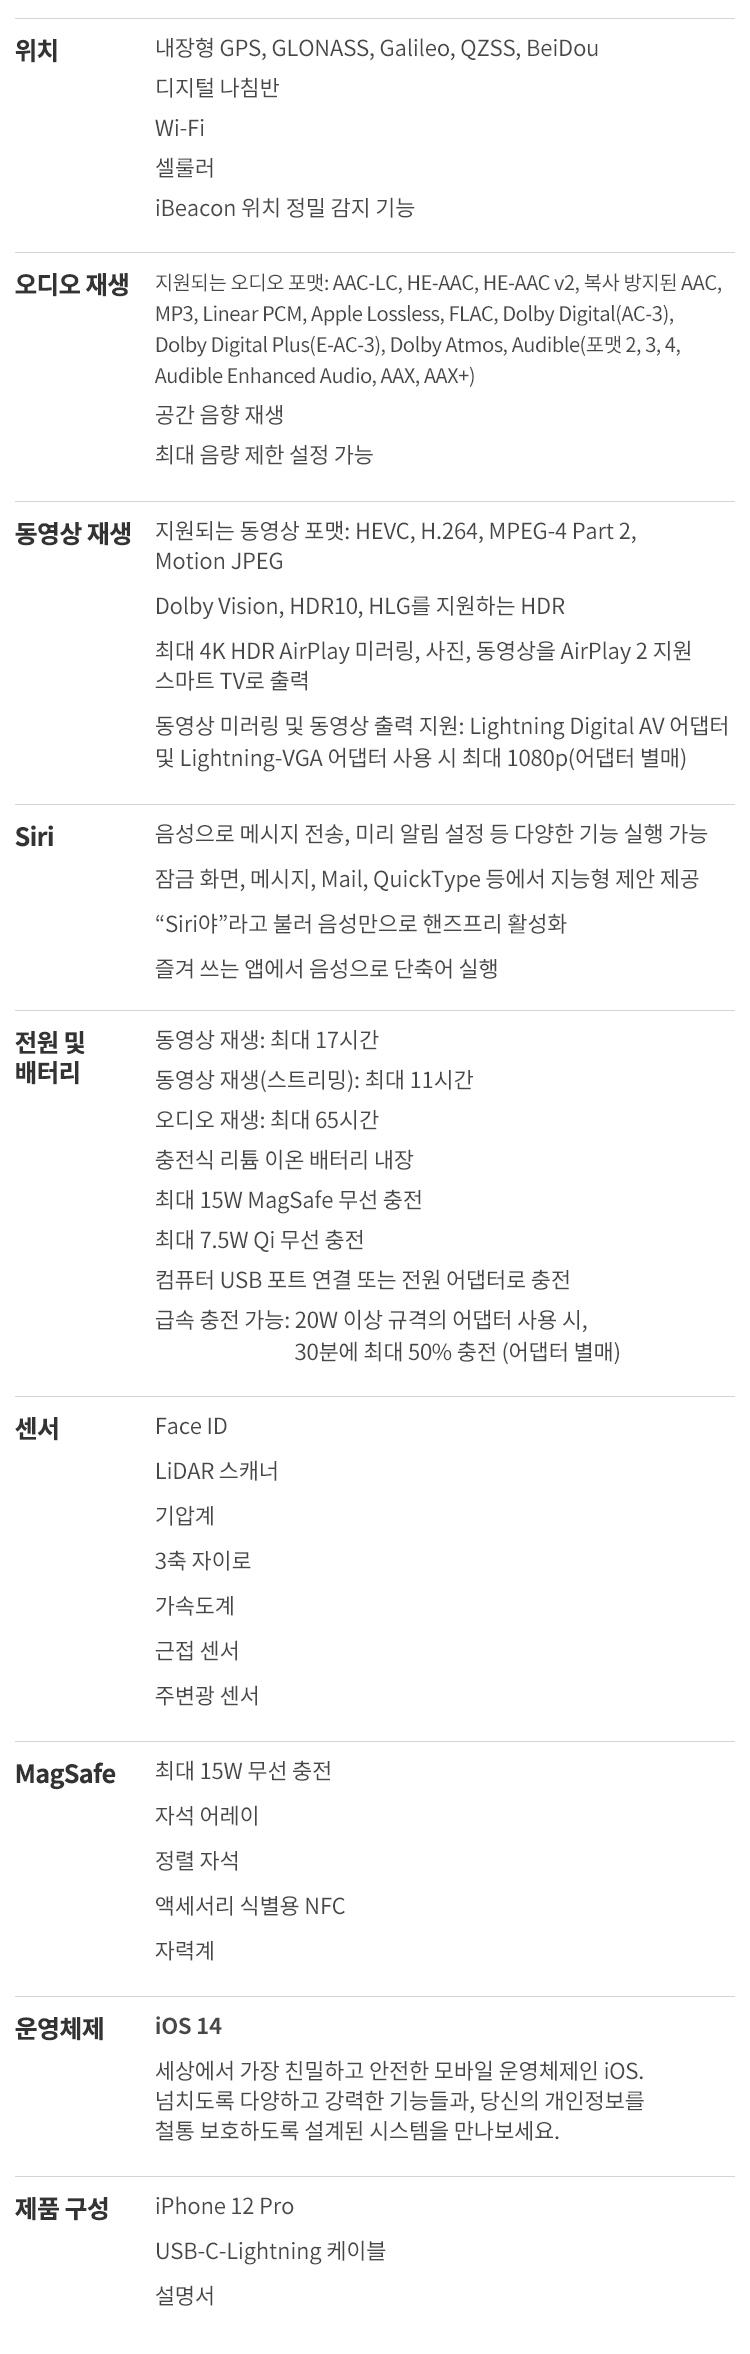 spec_iPhone12-Pro_750px-3.jpg